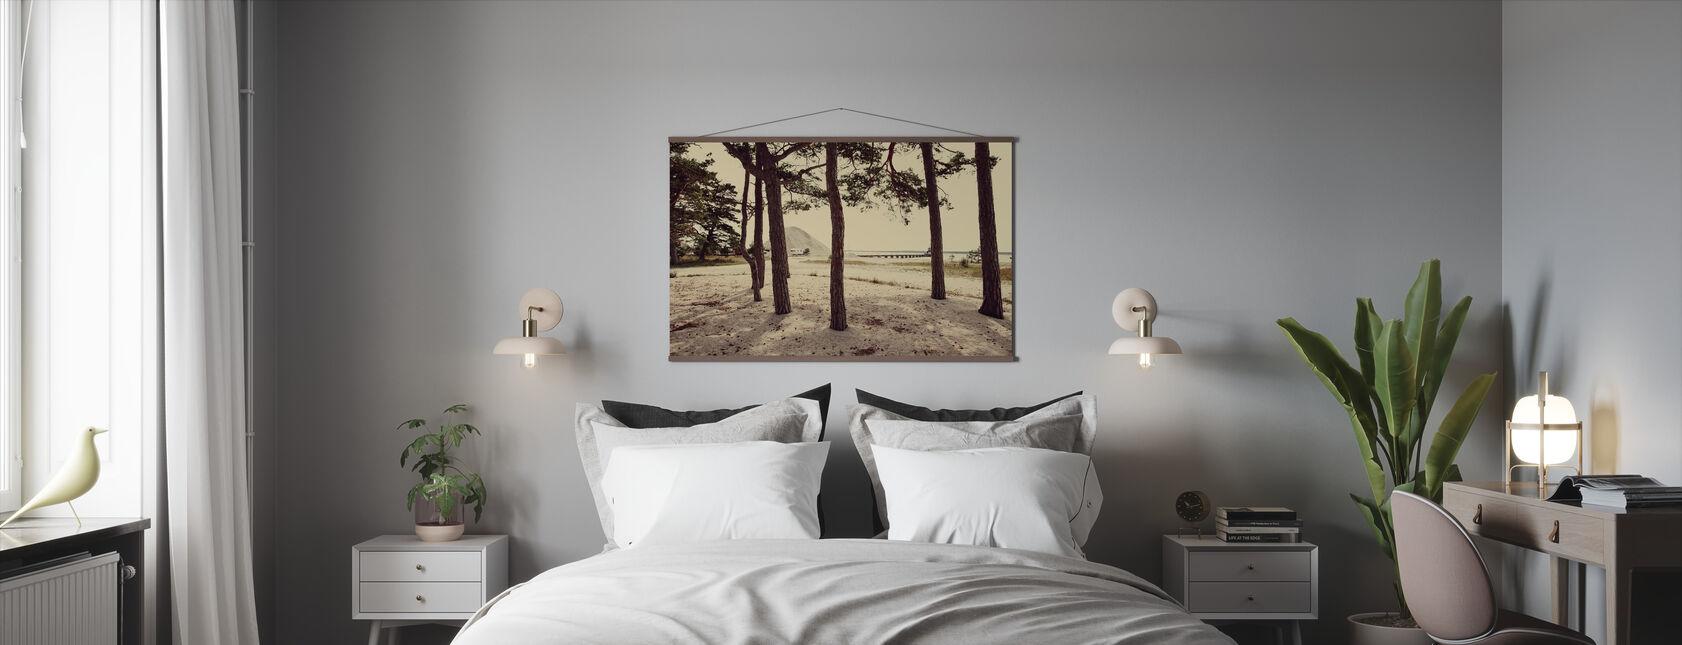 Caravan and Pines in Gotland, Sweden, Europe - Poster - Bedroom